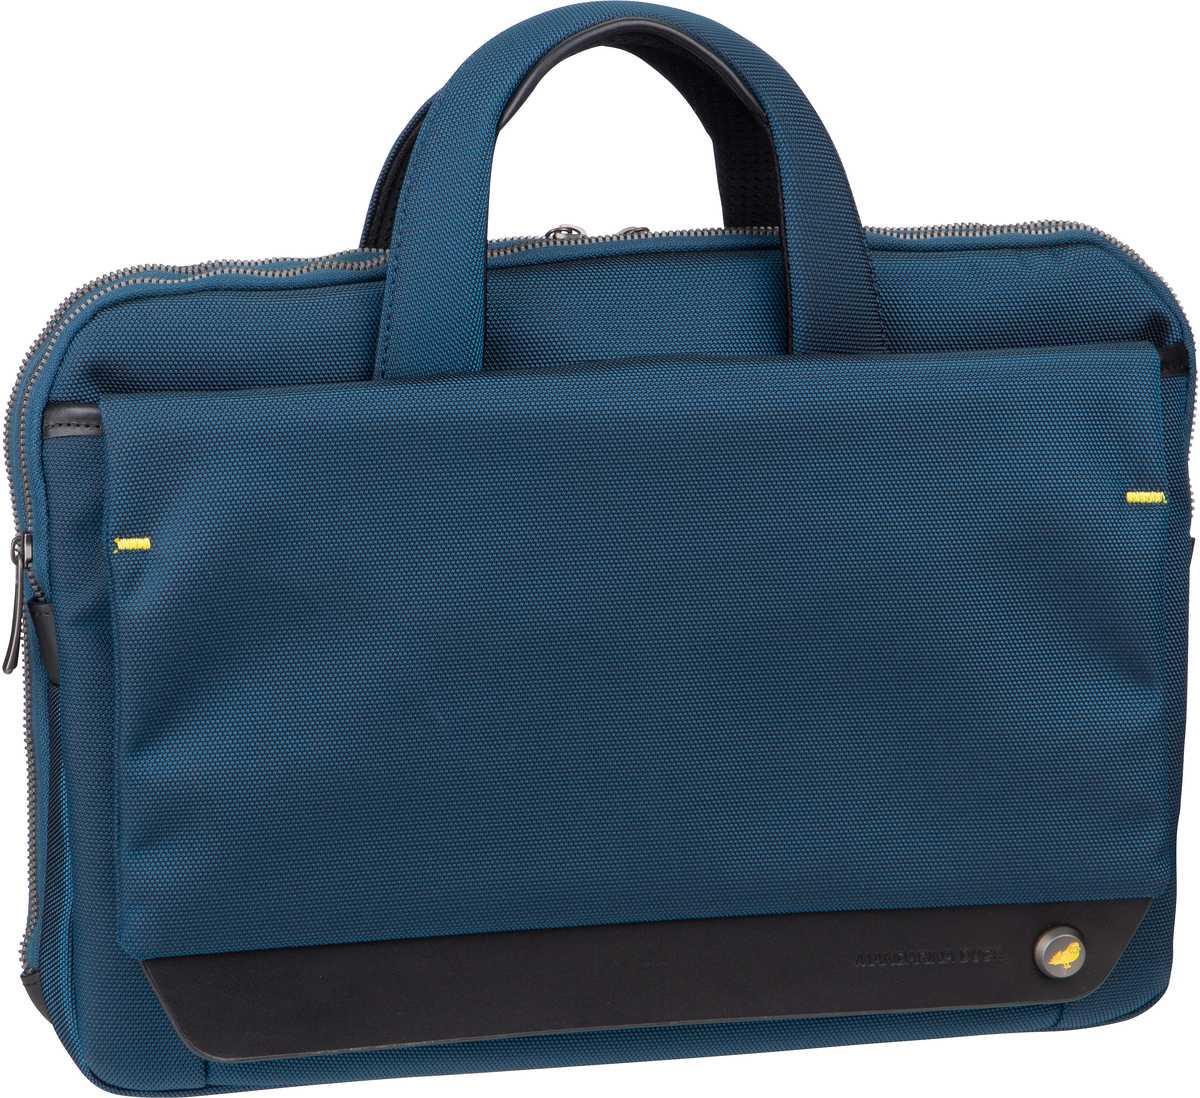 Businesstaschen für Frauen - Mandarina Duck Aktentasche Mr. Duck Briefcase Slim STC03 Navy  - Onlineshop Taschenkaufhaus